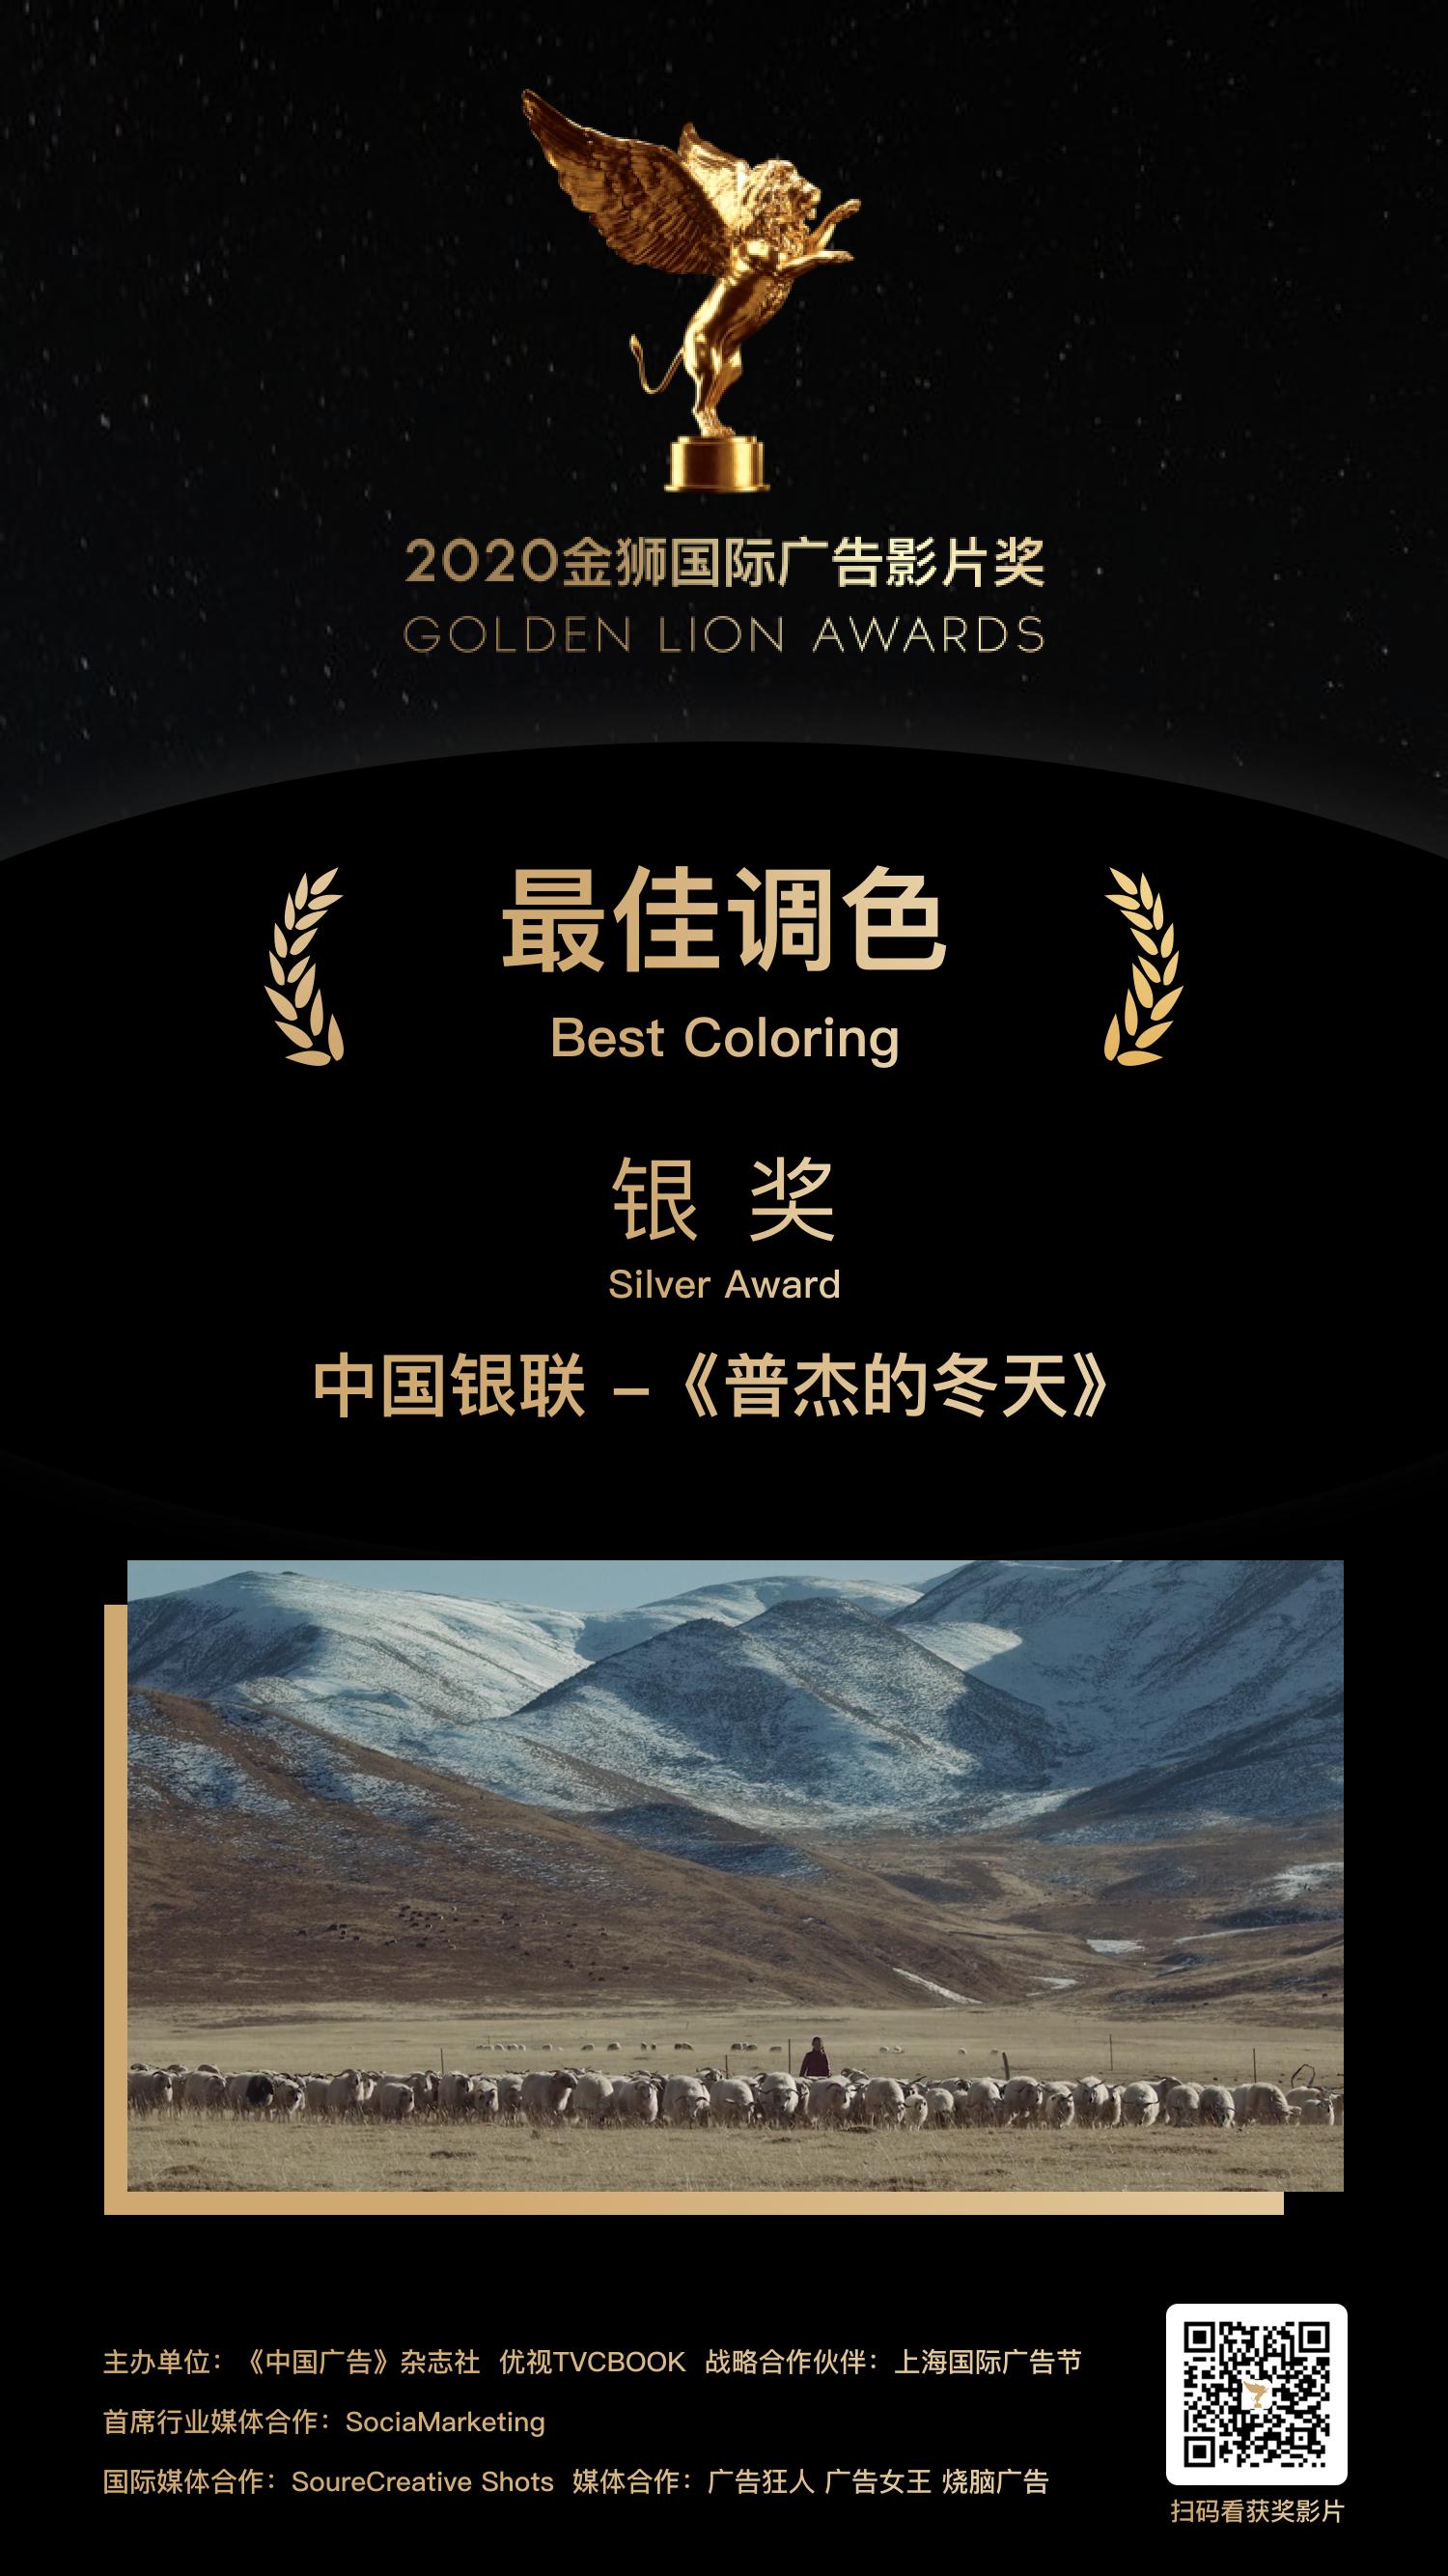 银奖-中国银联-《普杰的冬天》.png